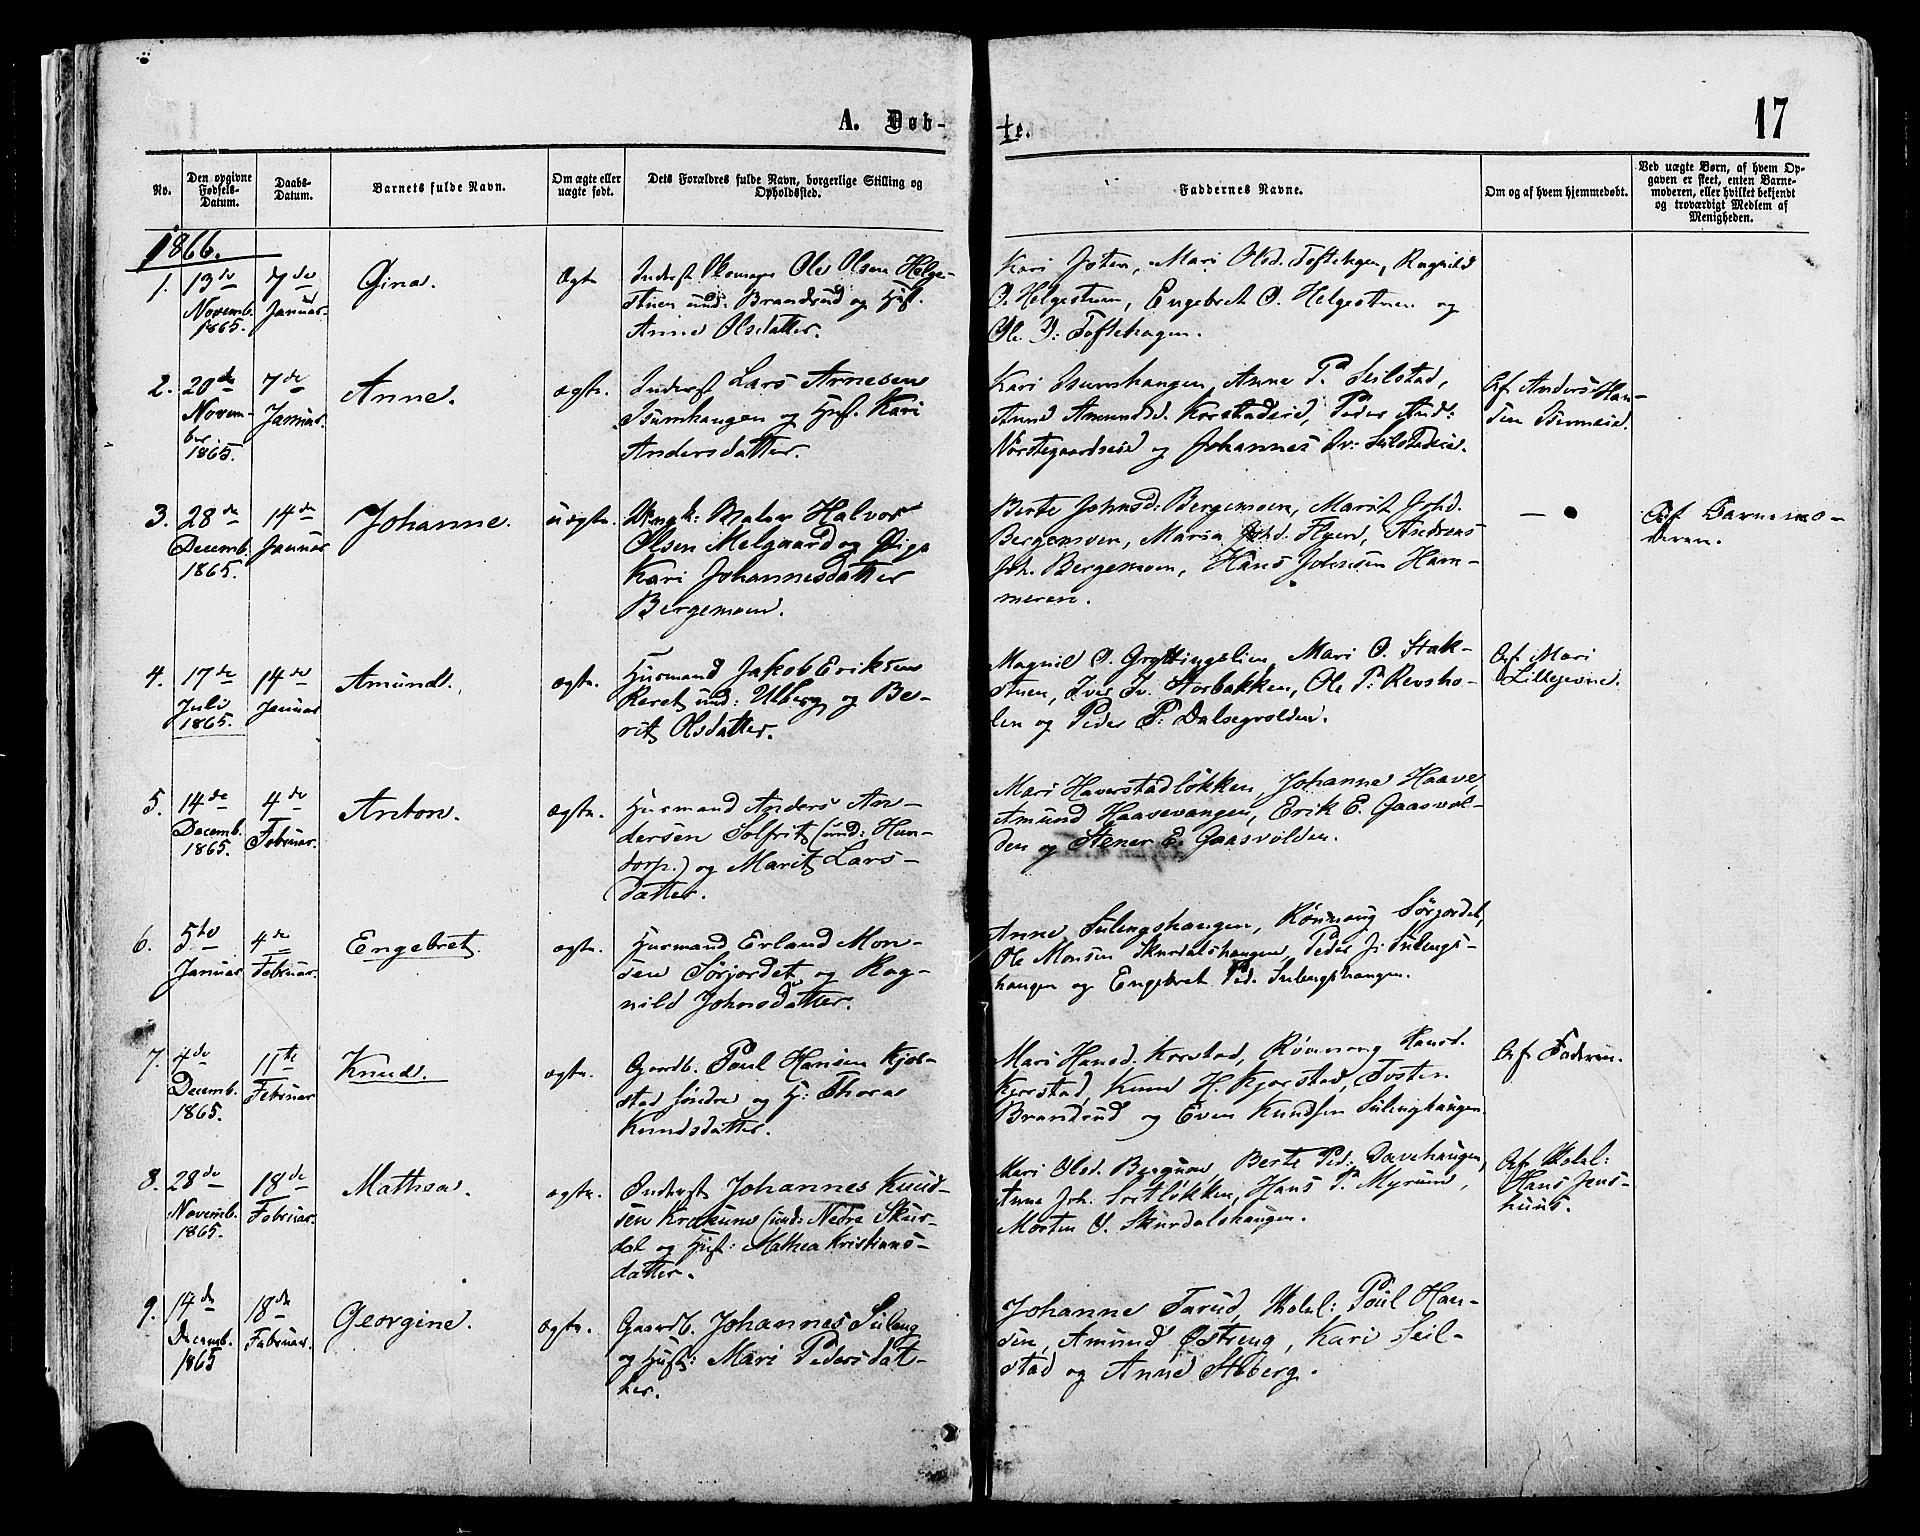 SAH, Sør-Fron prestekontor, H/Ha/Haa/L0002: Ministerialbok nr. 2, 1864-1880, s. 17